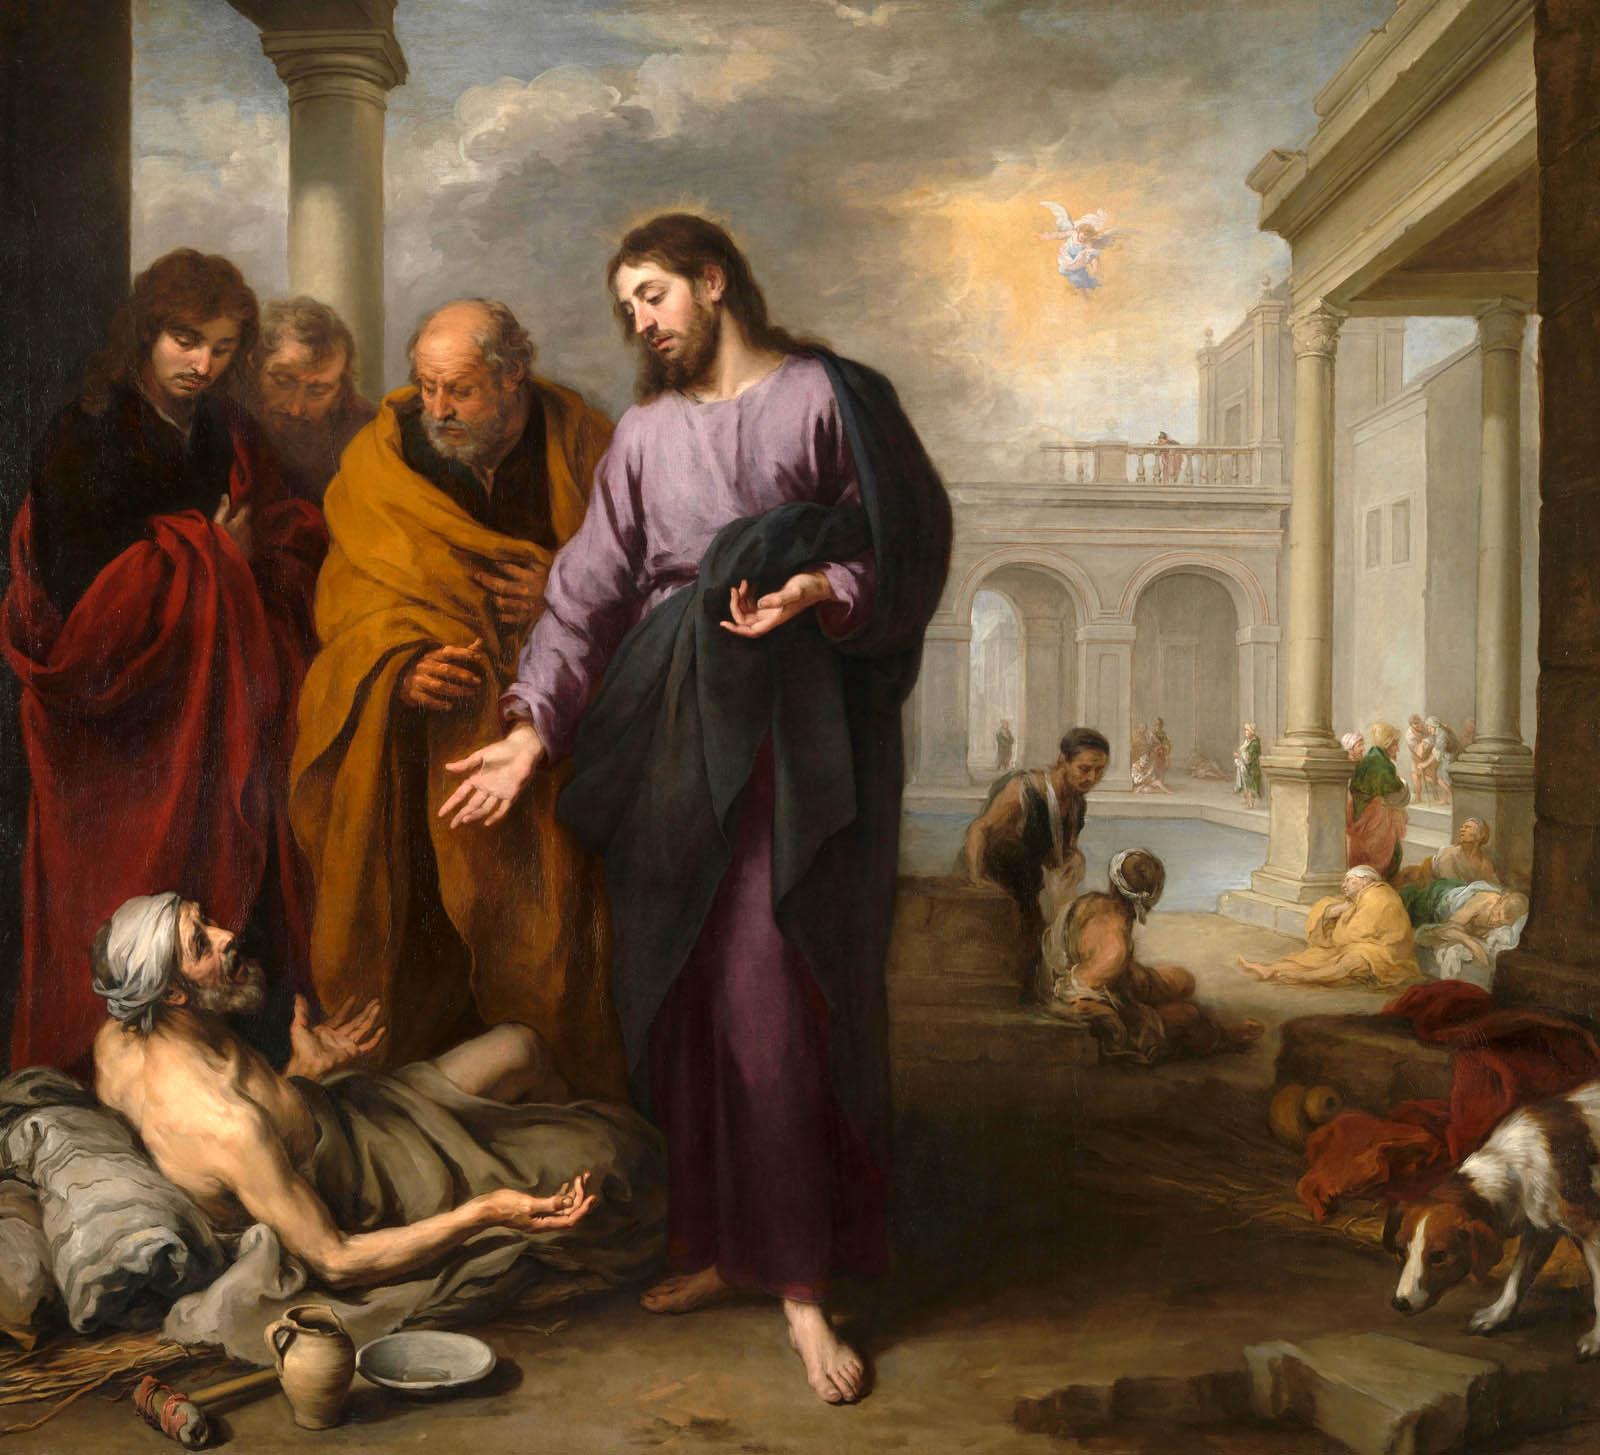 miracolo Betzatà